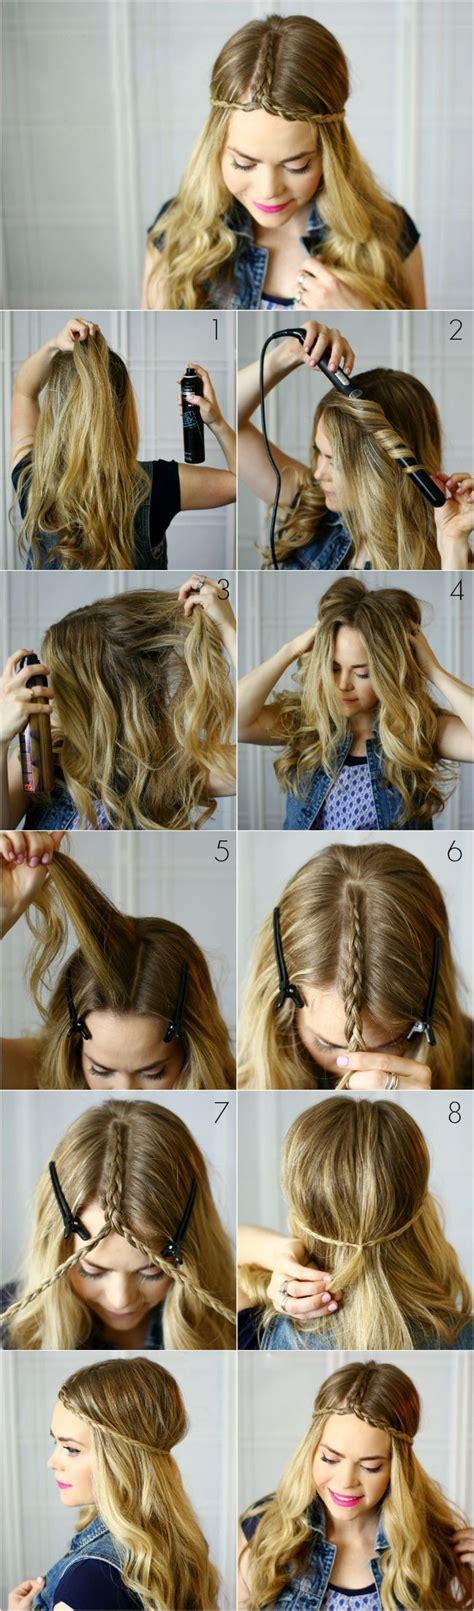 Cute boho braid hairstyle for Summer #summer Festival